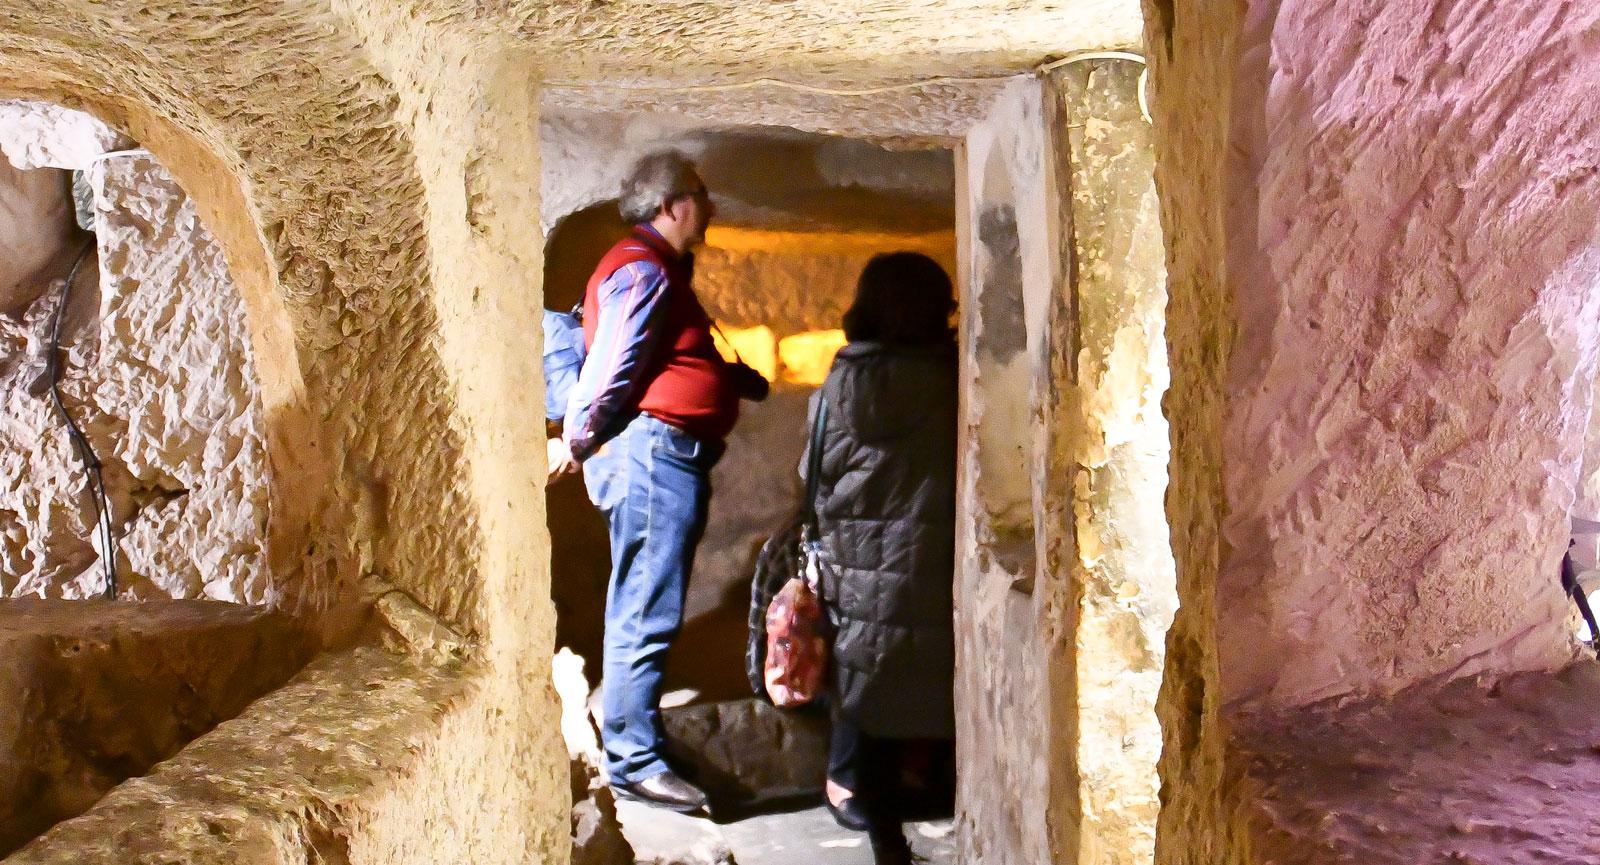 Vi går genom smala gångar och rum nere i Rabats katakomber.